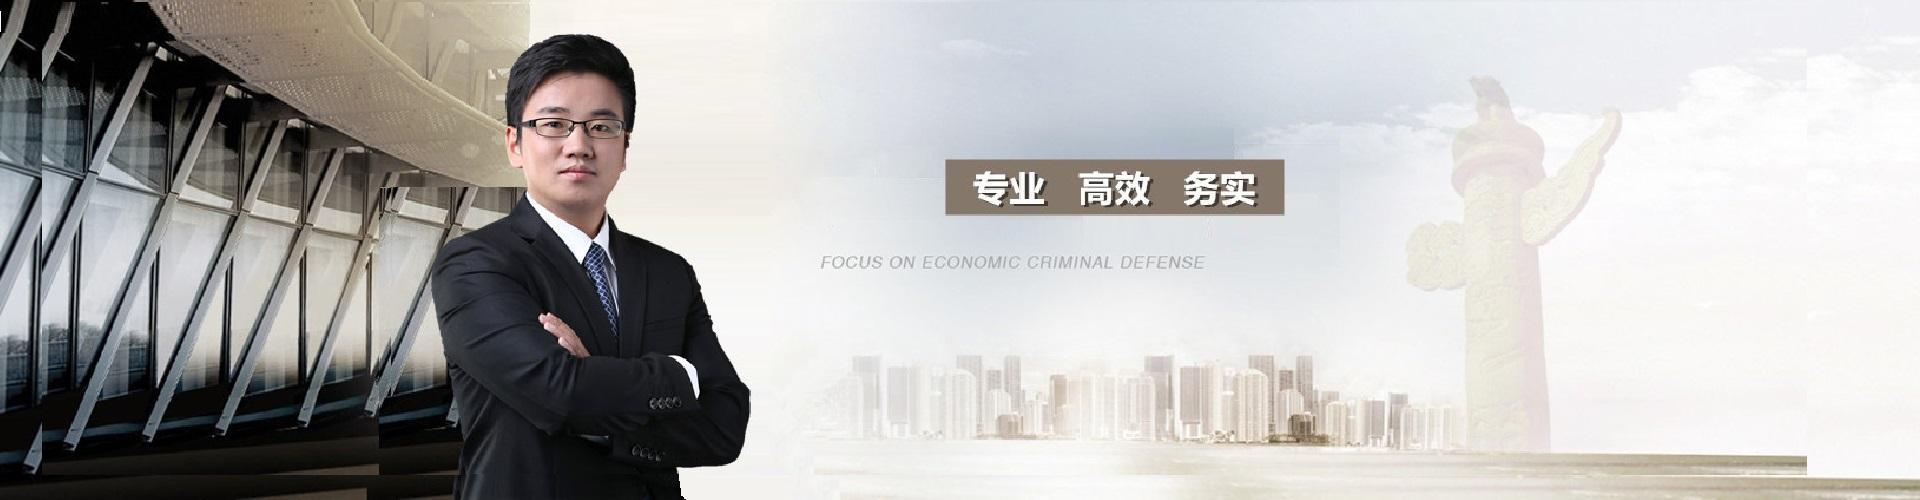 嘉定律师2